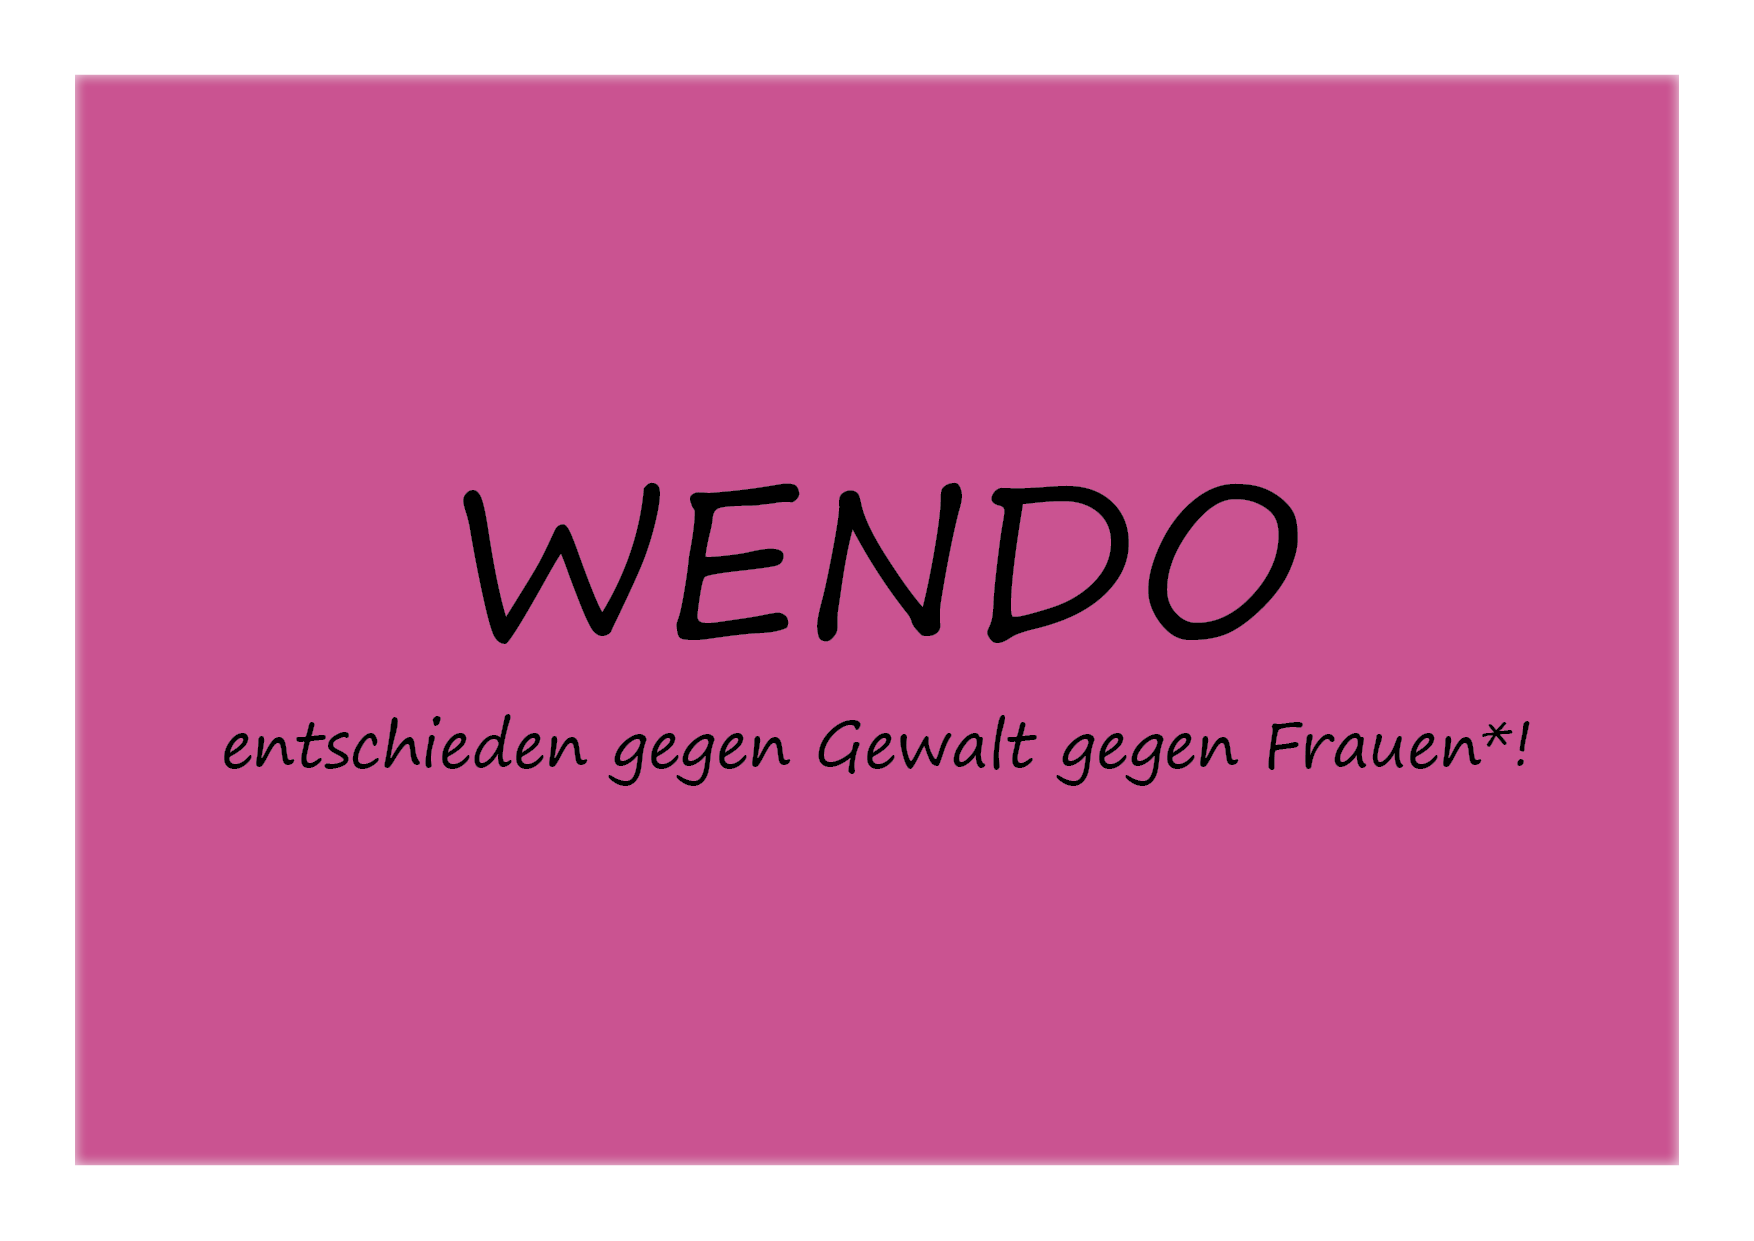 WENDO - entschieden gegen Gewalt gegen Frauen